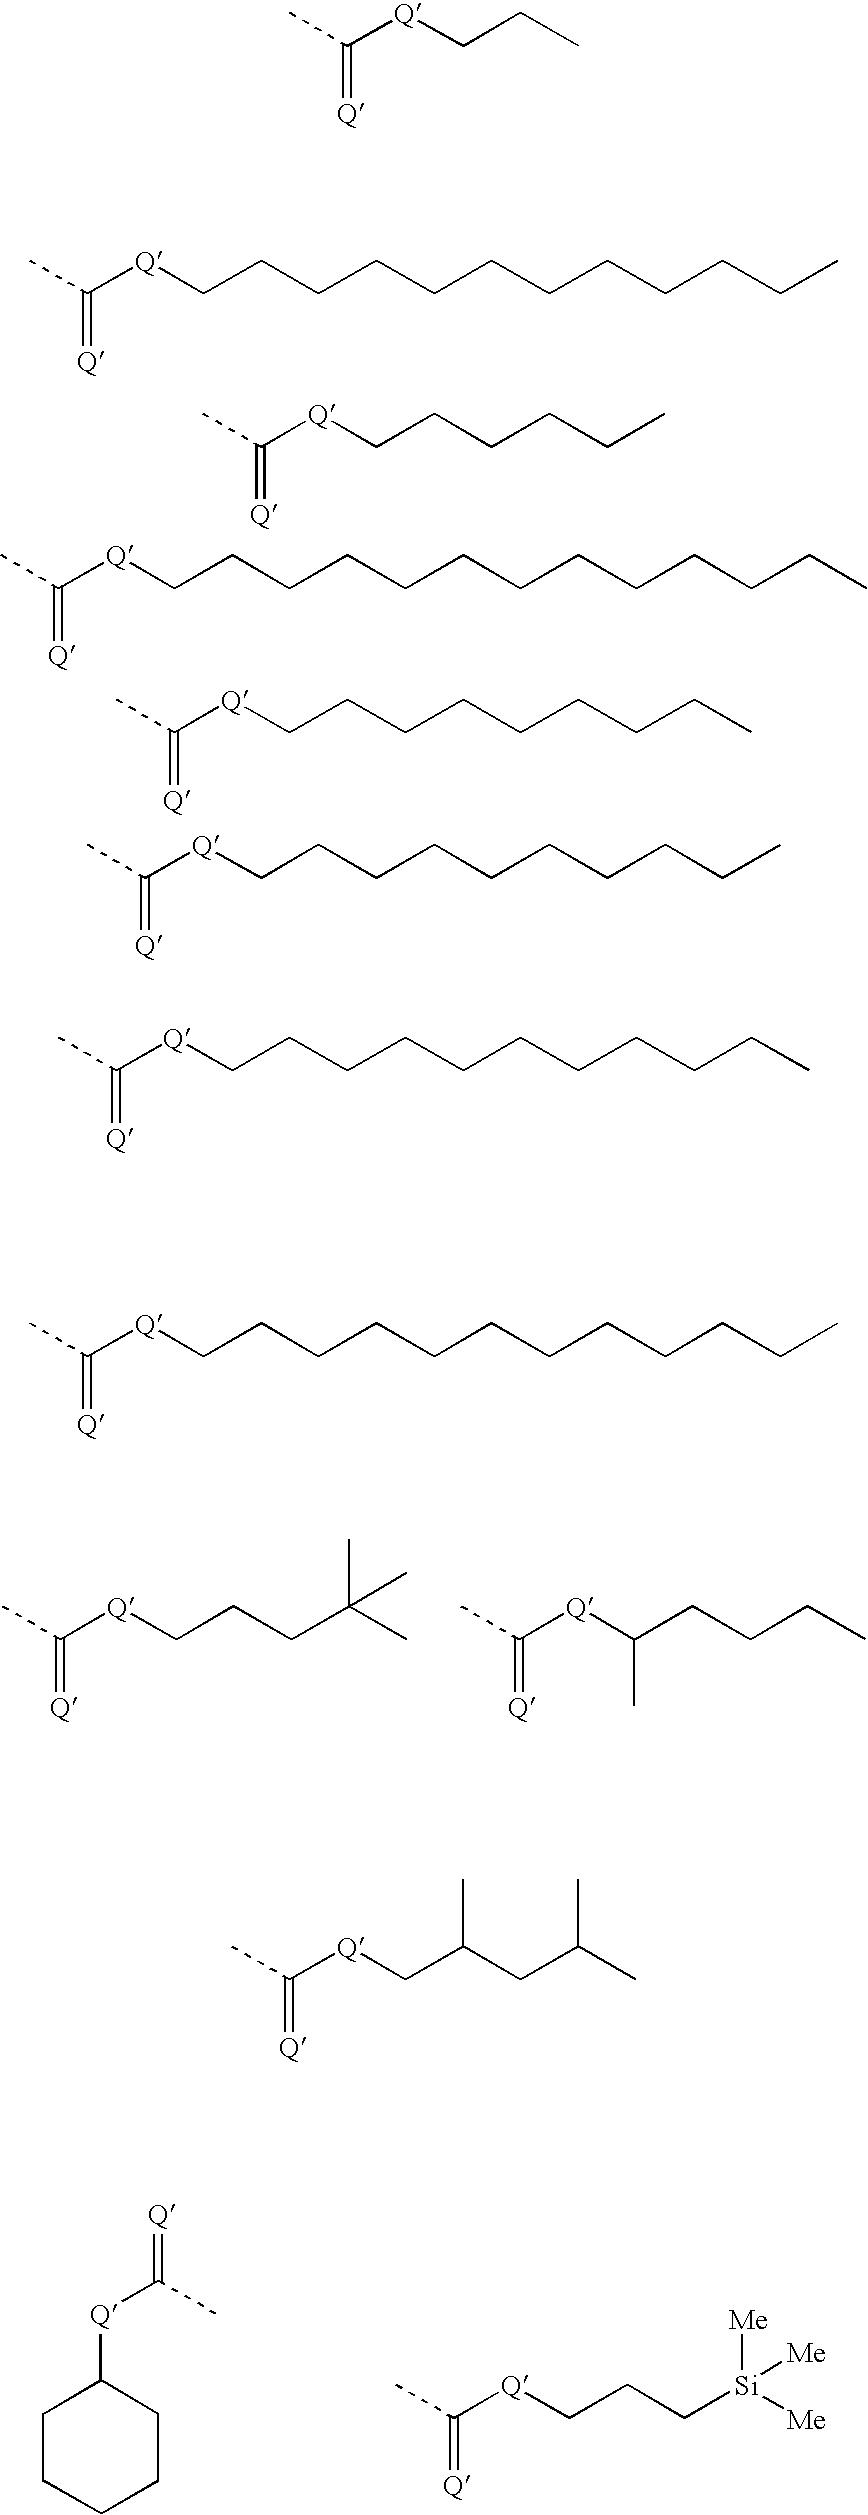 Figure US07671095-20100302-C00046